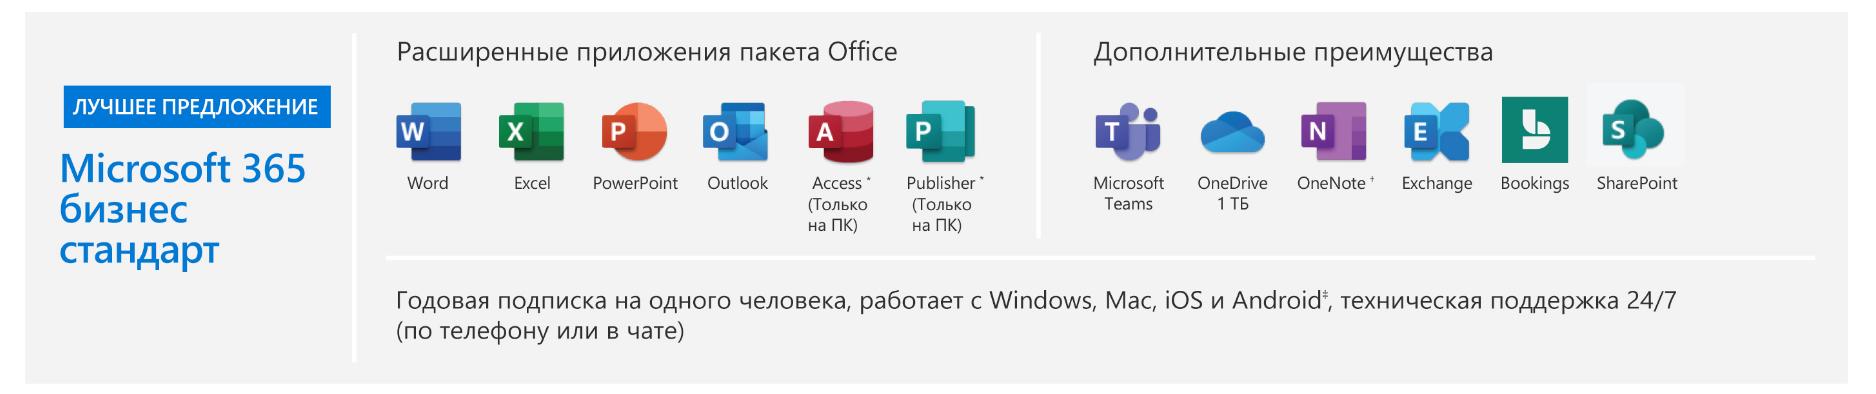 Преимущества Microsoft 365